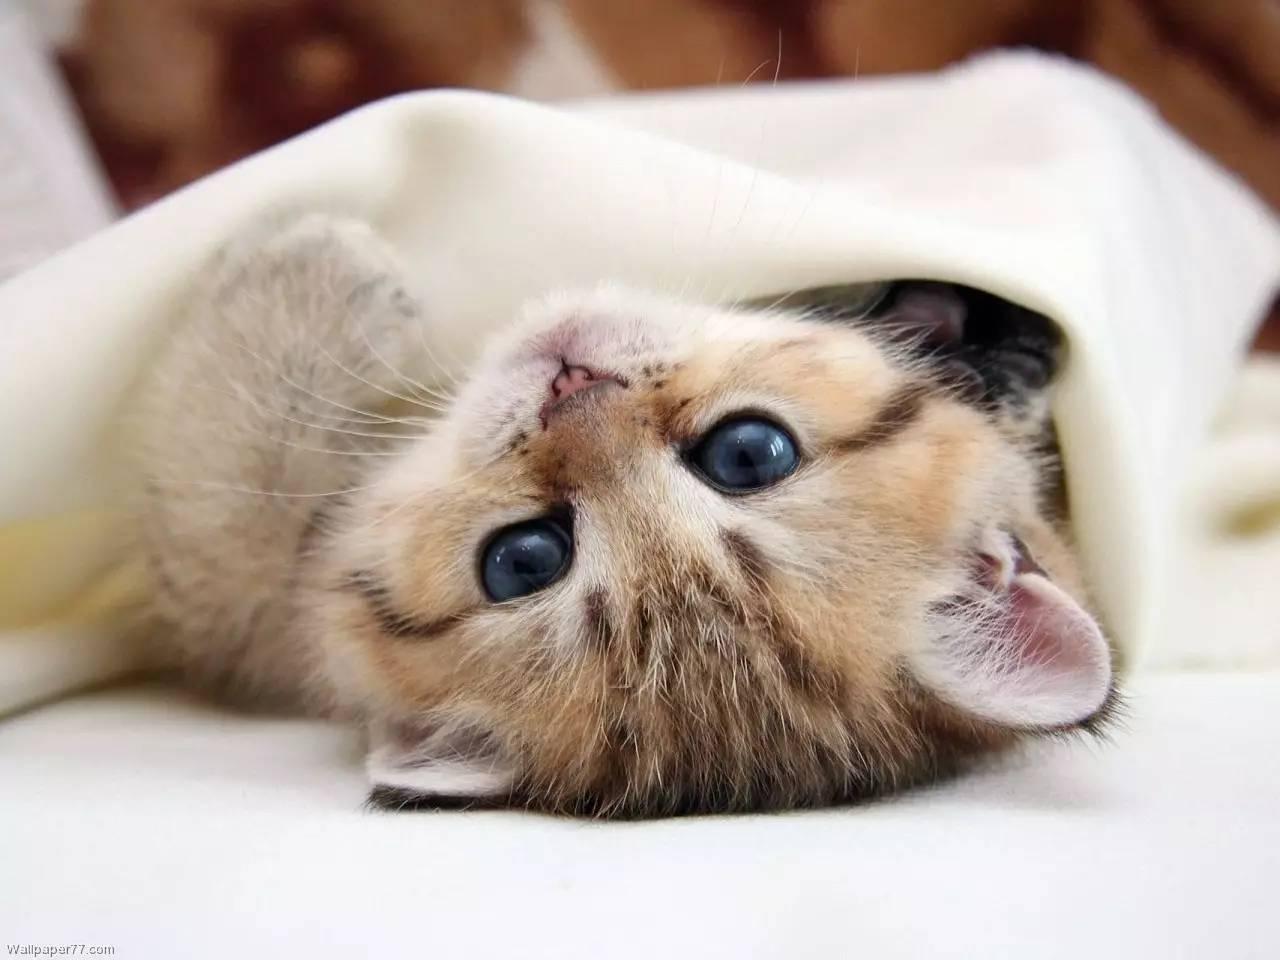 盘点猫粮储存的3个误区,教你正确储粮方法,新手猫奴要收藏